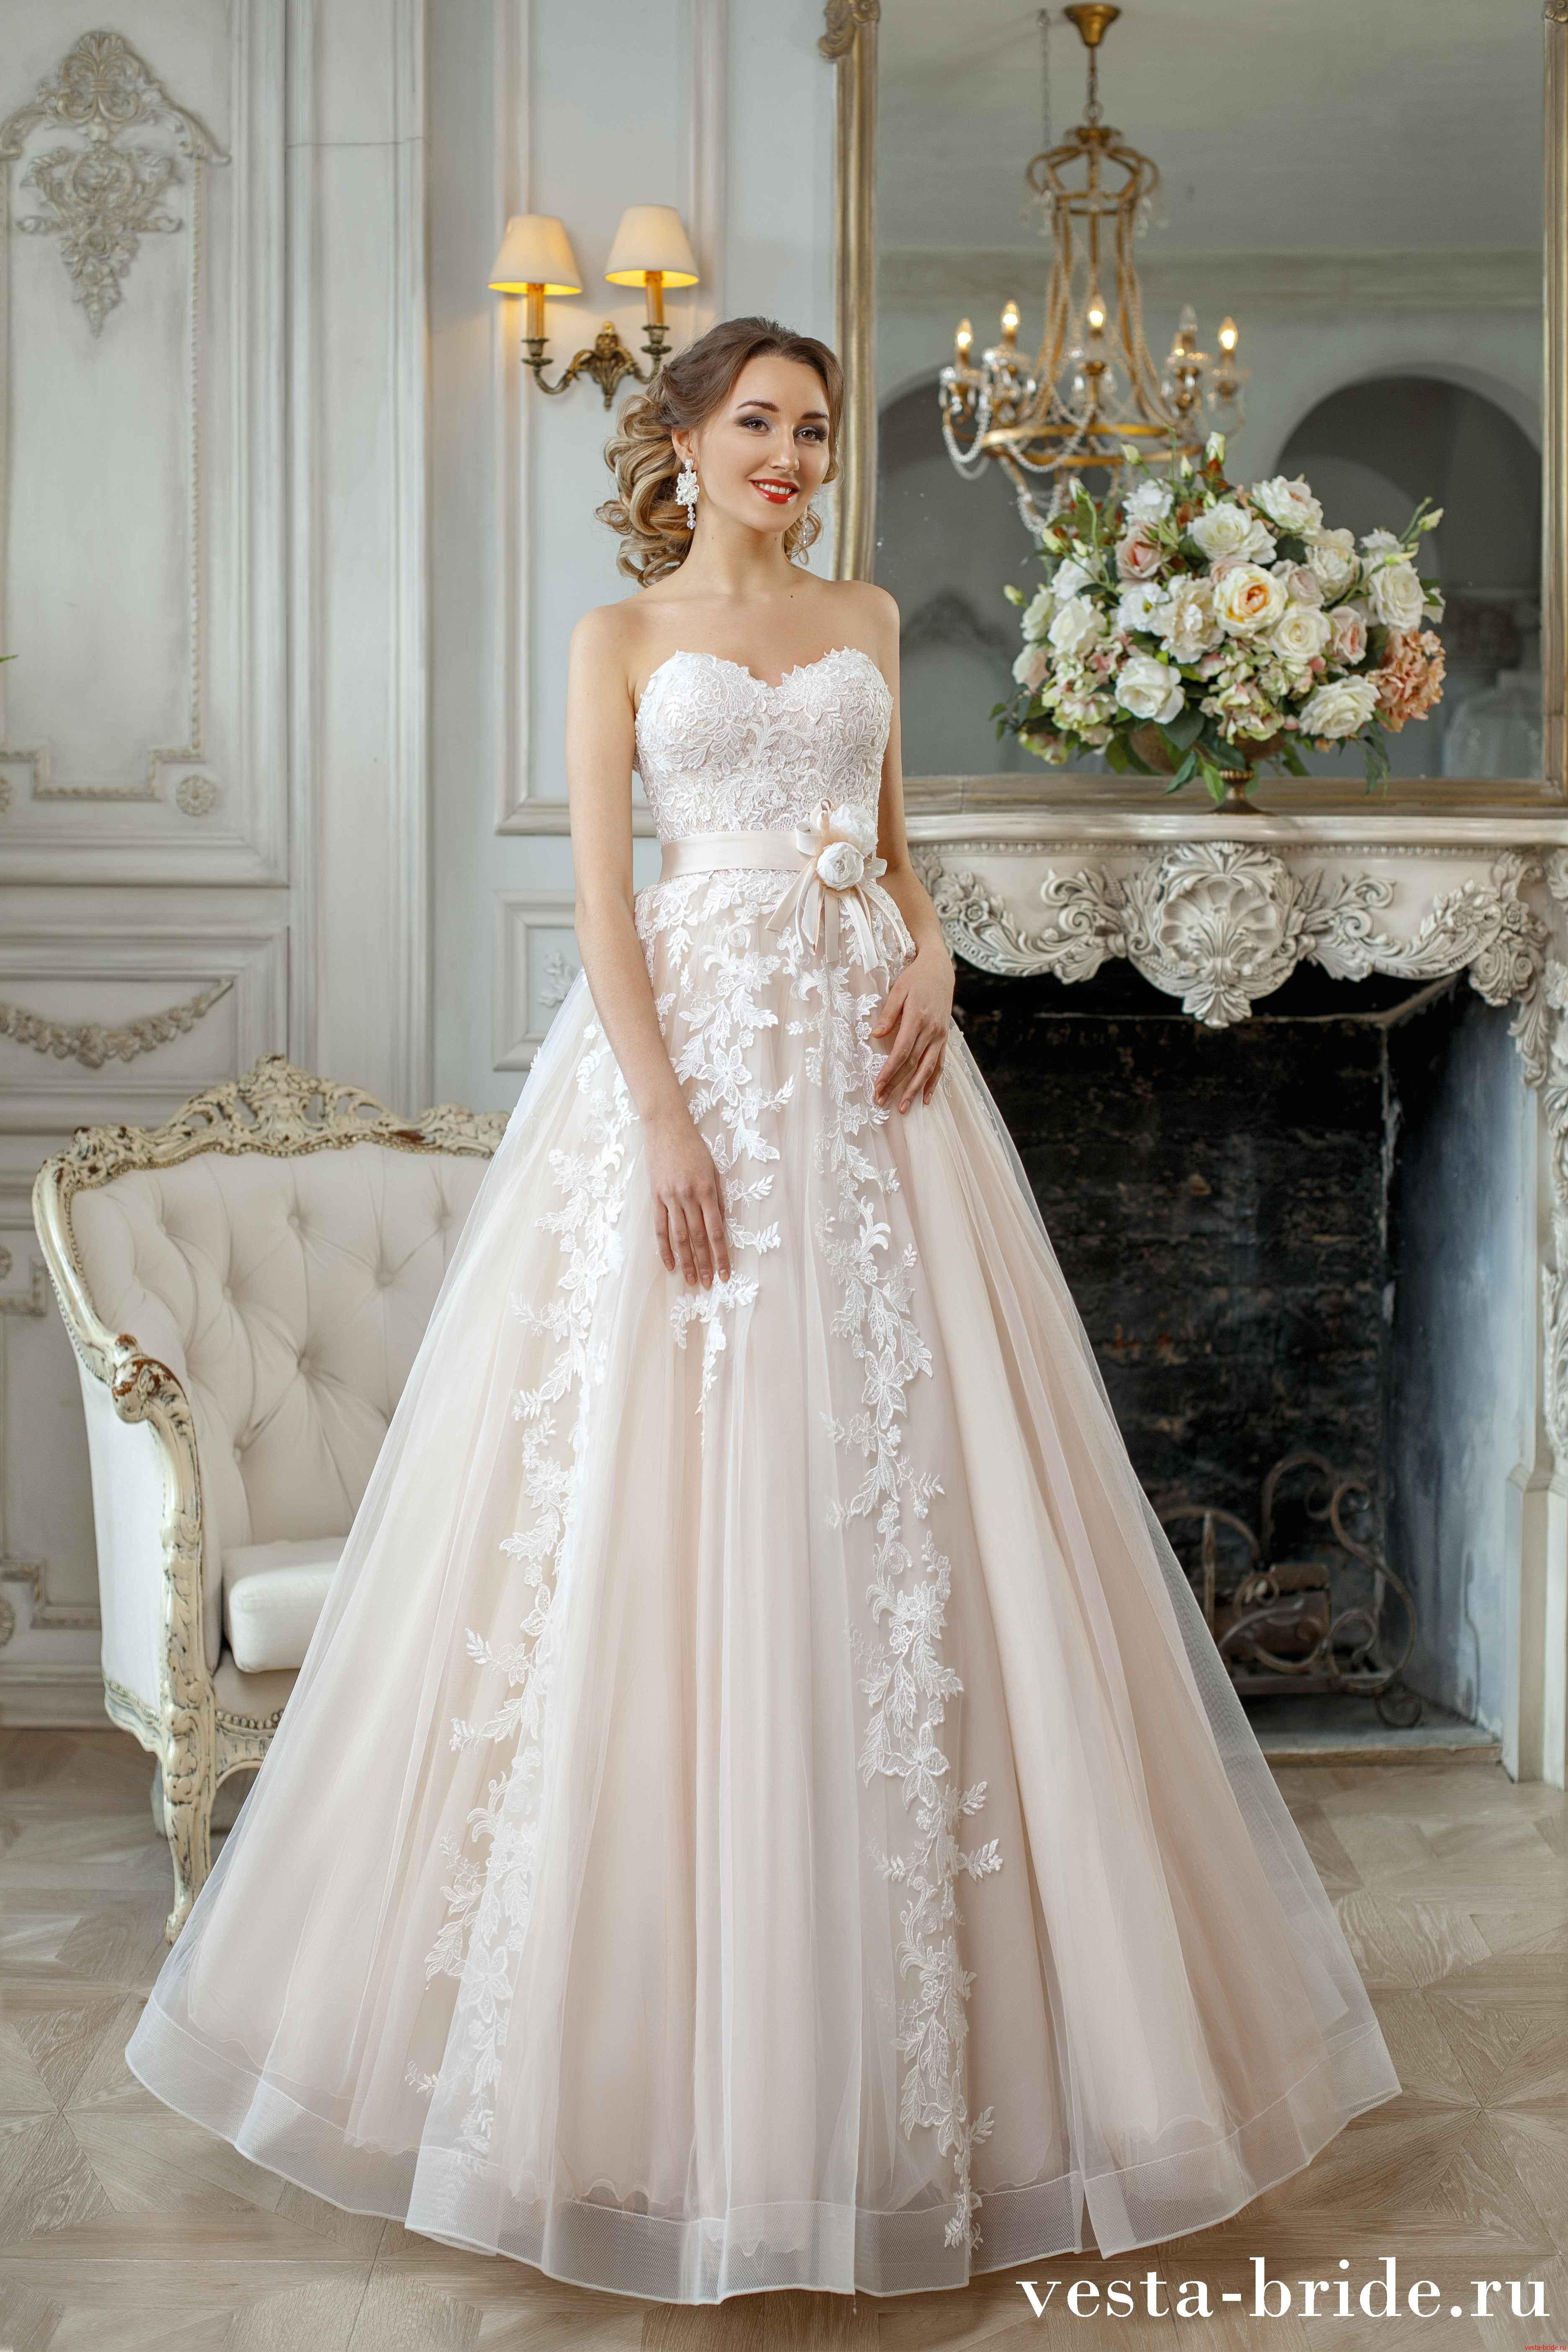 7846b946bee5 Красивые пышные свадебные платья в Санкт-Петербурге  фото, доступные ...